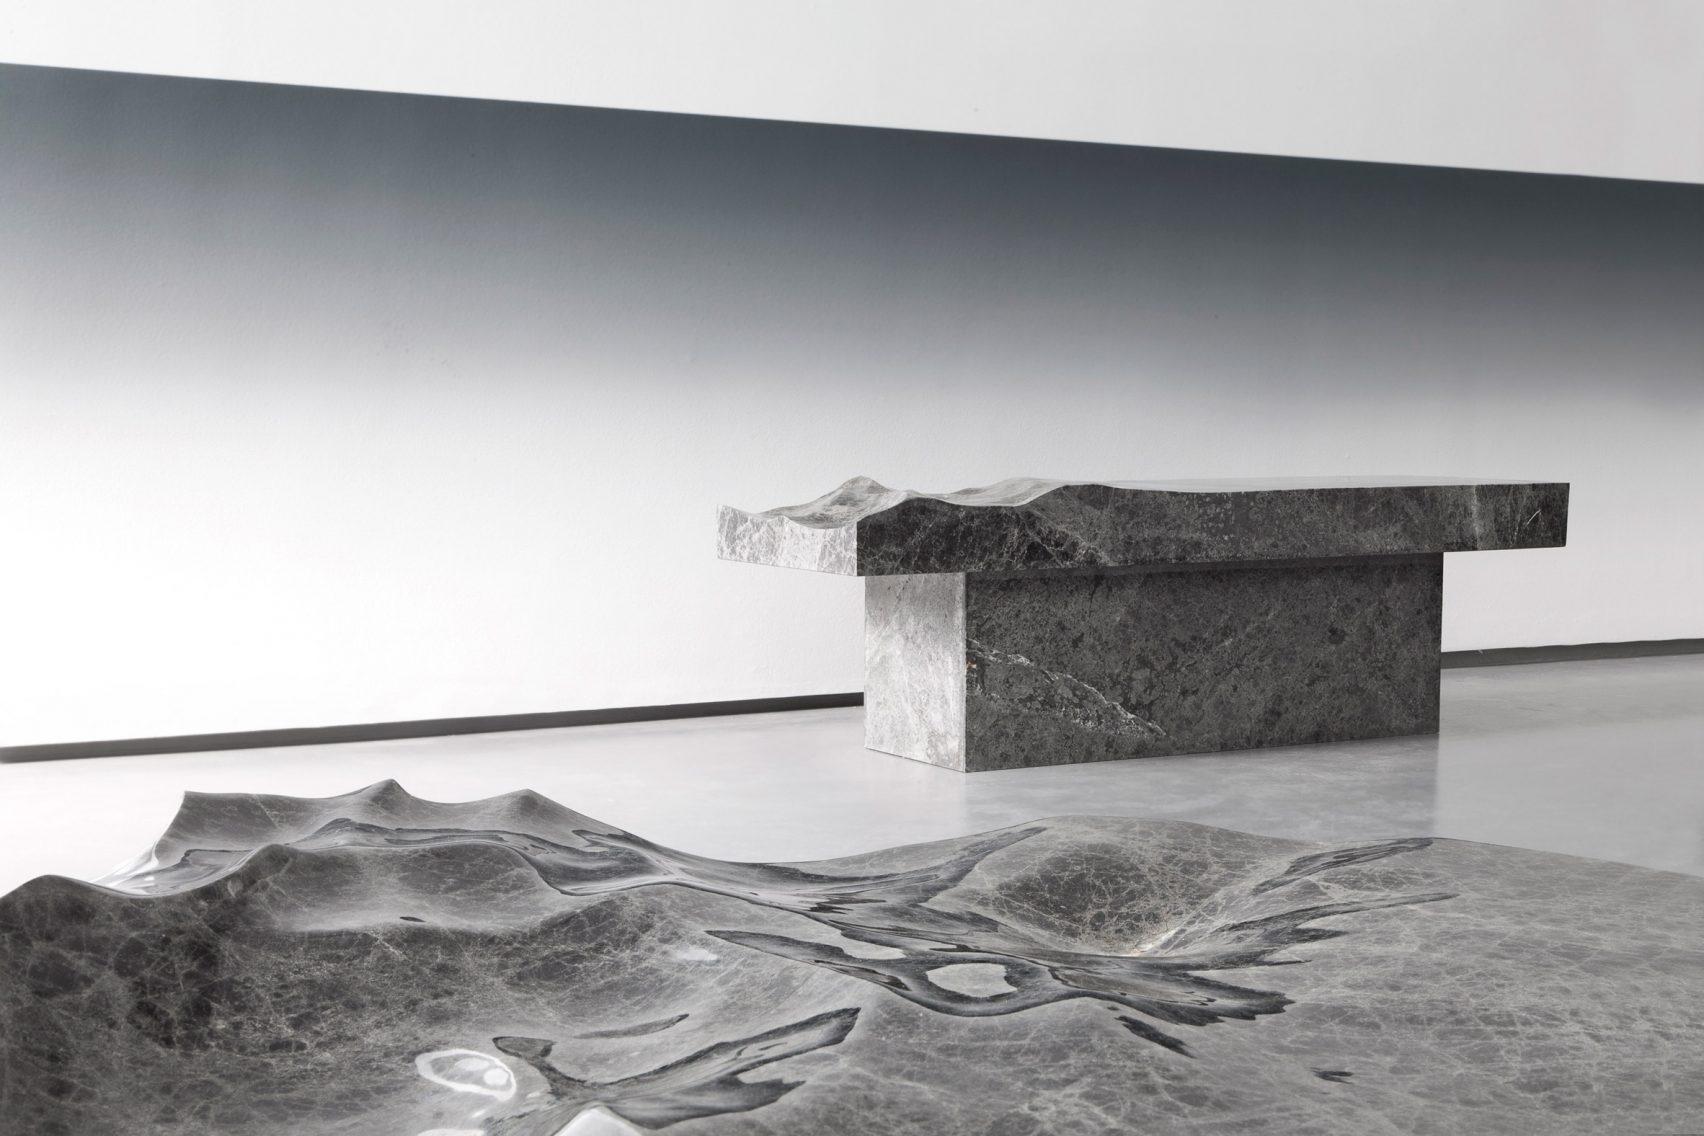 """اقیانوسی از مبلمان های مرمری در مجموعه """"خاطرات اقیانوس"""""""